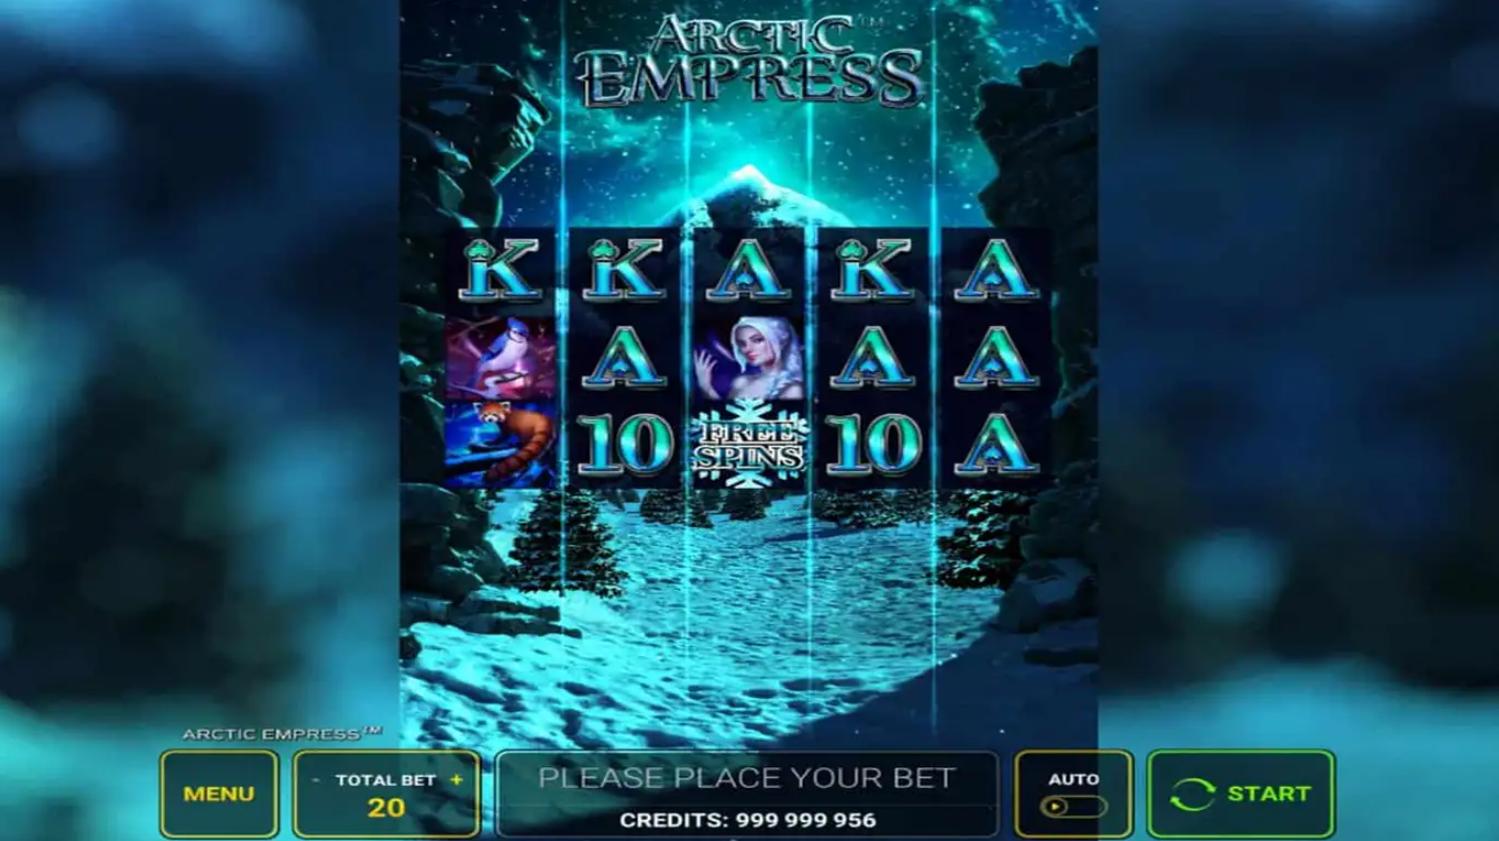 Arctic Empress demo